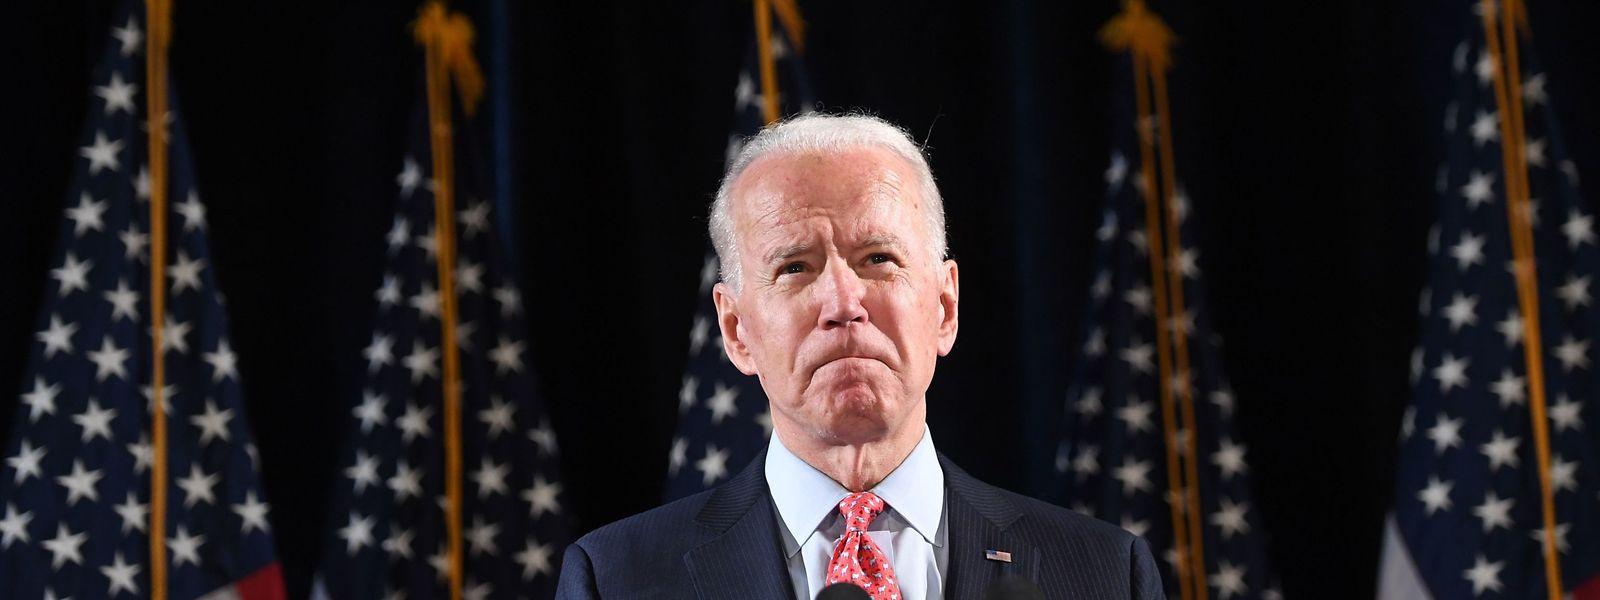 Face à un Donald Trump qui s'enfonce dans la mauvaise gestion du covid-19, Biden gagne en crédibilité.